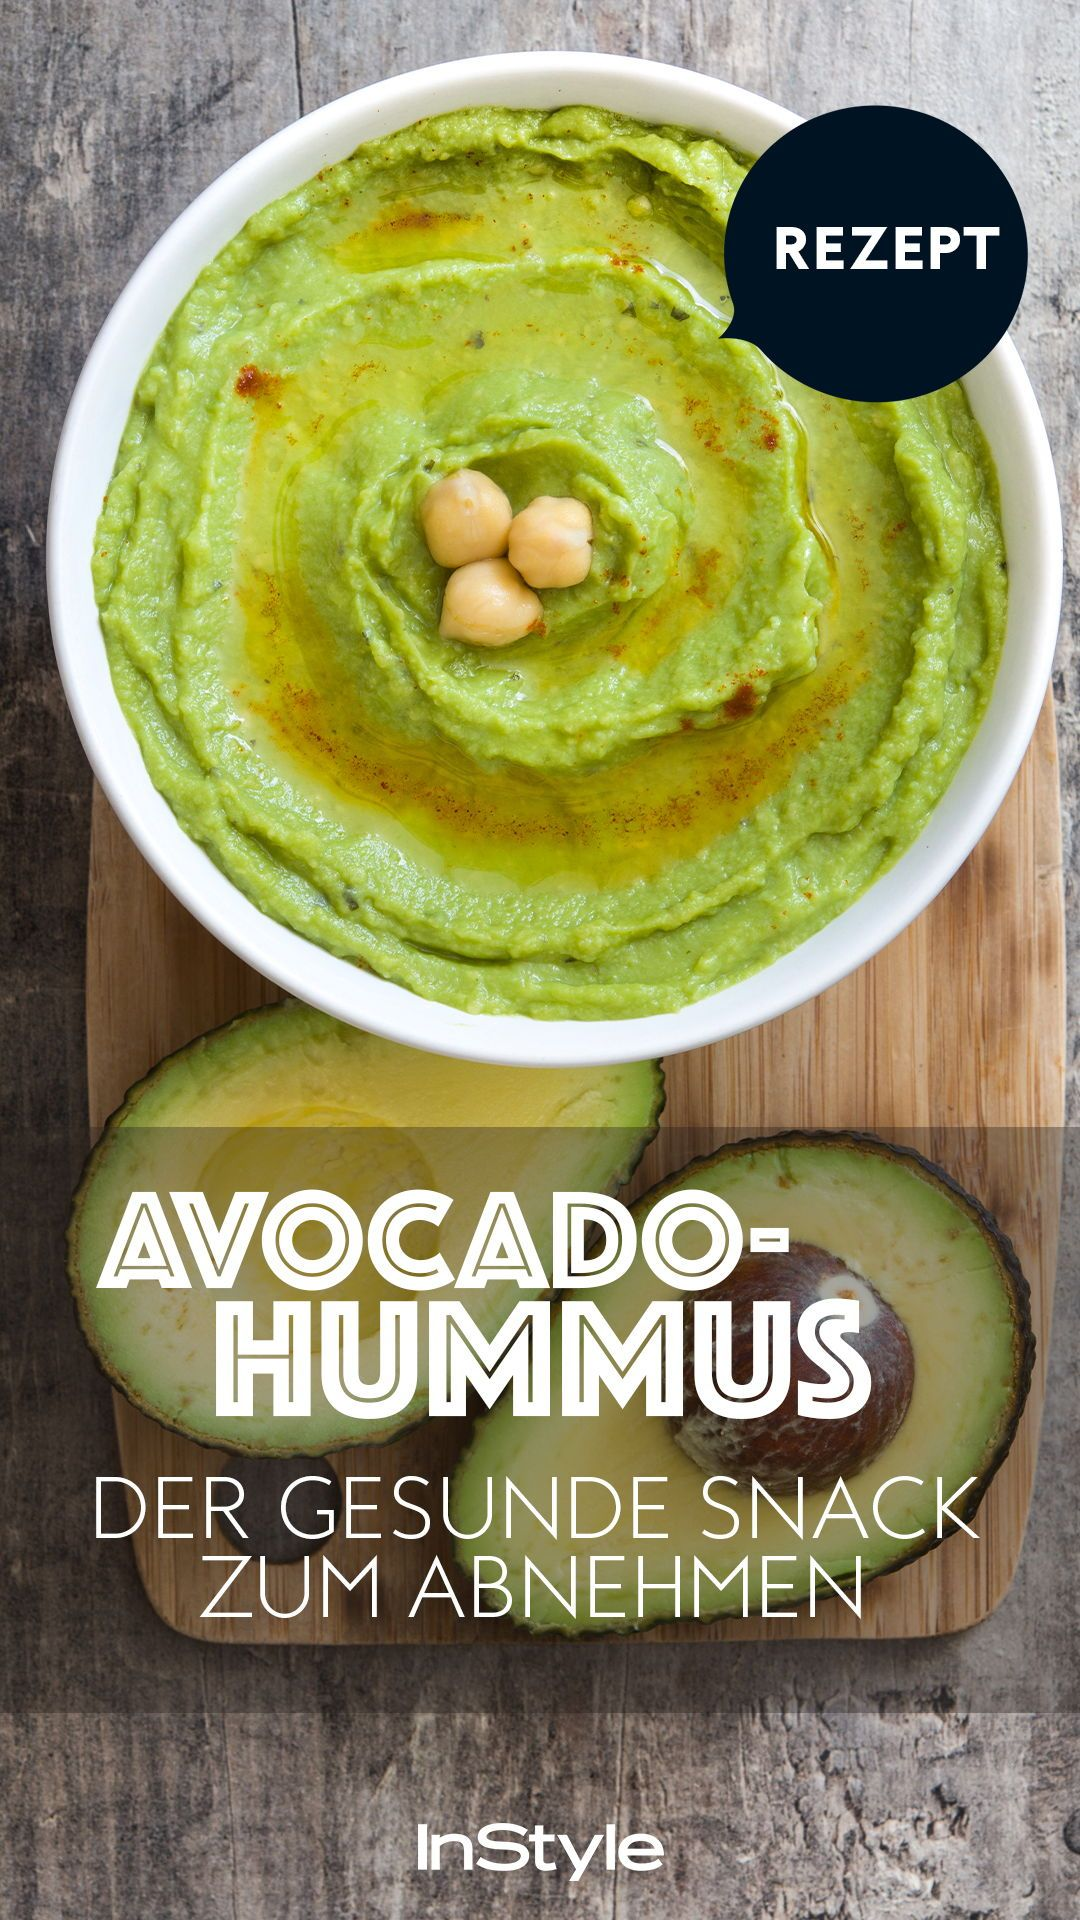 AvocadoHummus Der gesunde Snack zum Abnehmen in deiner Diät  hier gibt's das Rezept! is part of Avocado snack - AvocadoHummus Mit diesem gesunden Snack kannst du in deiner Diät super abnehmen  Wir haben das einfache Rezept für euch